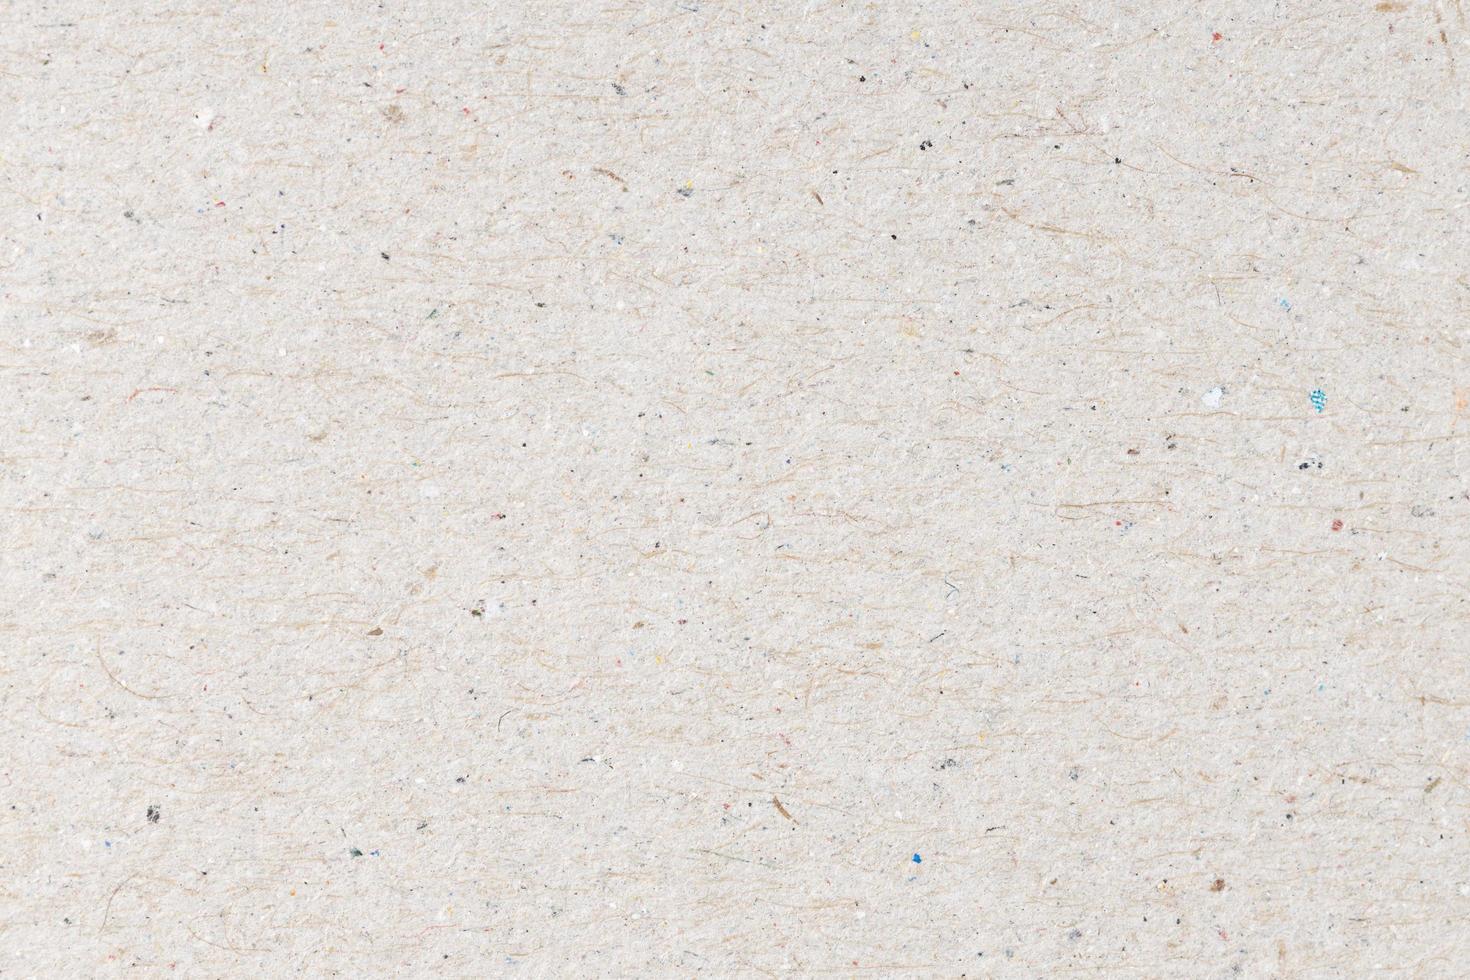 Textura de fondo de cartón reciclado. fotograma completo foto